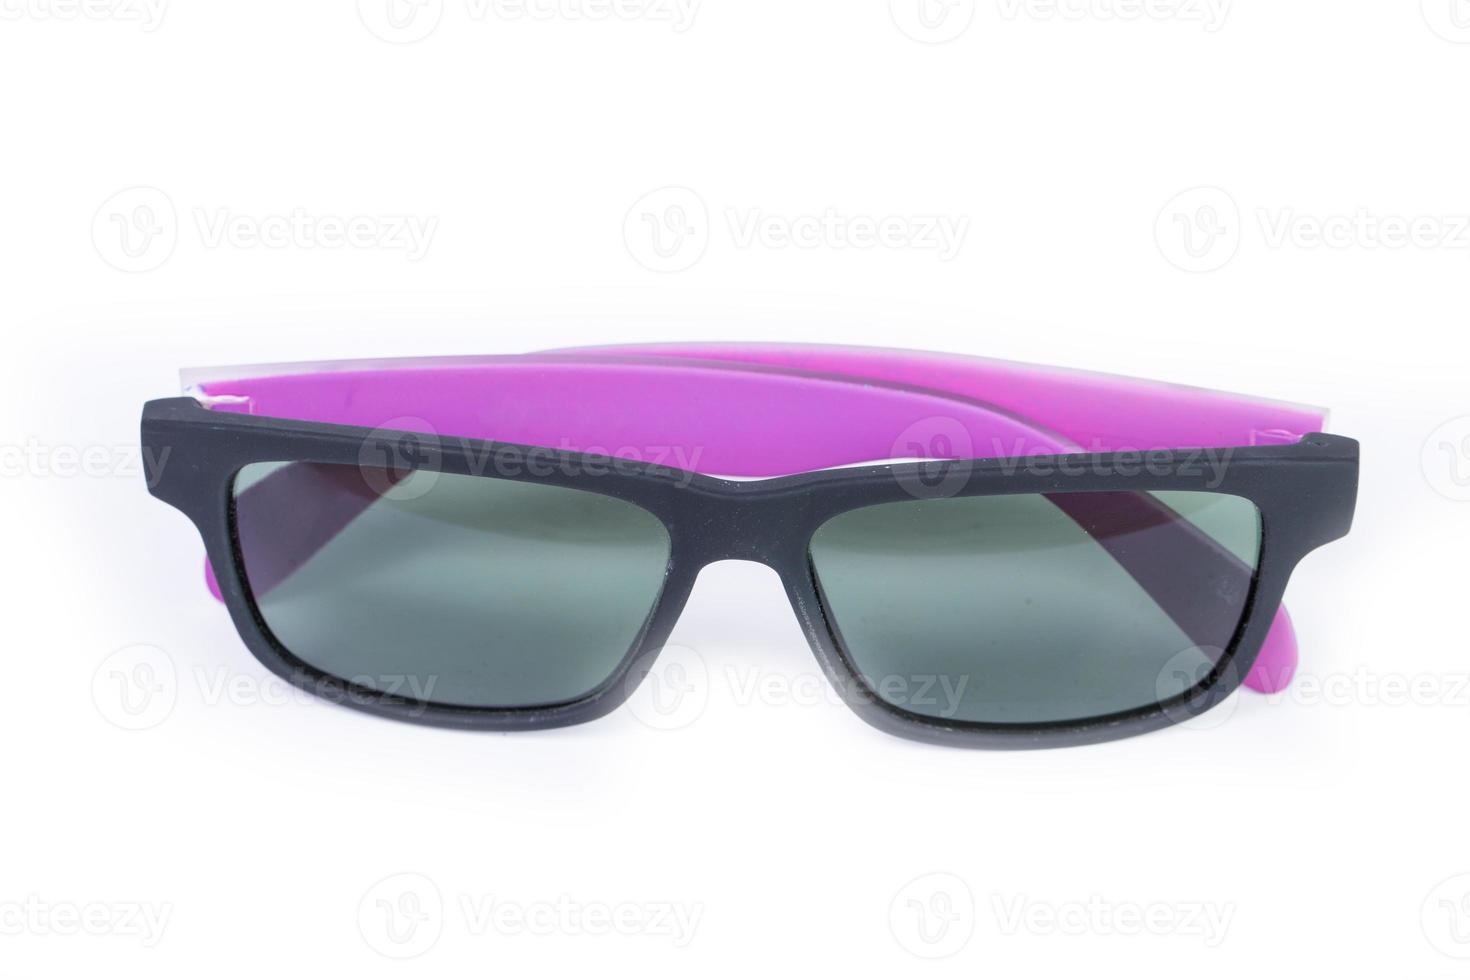 bouchent les lunettes de soleil photo